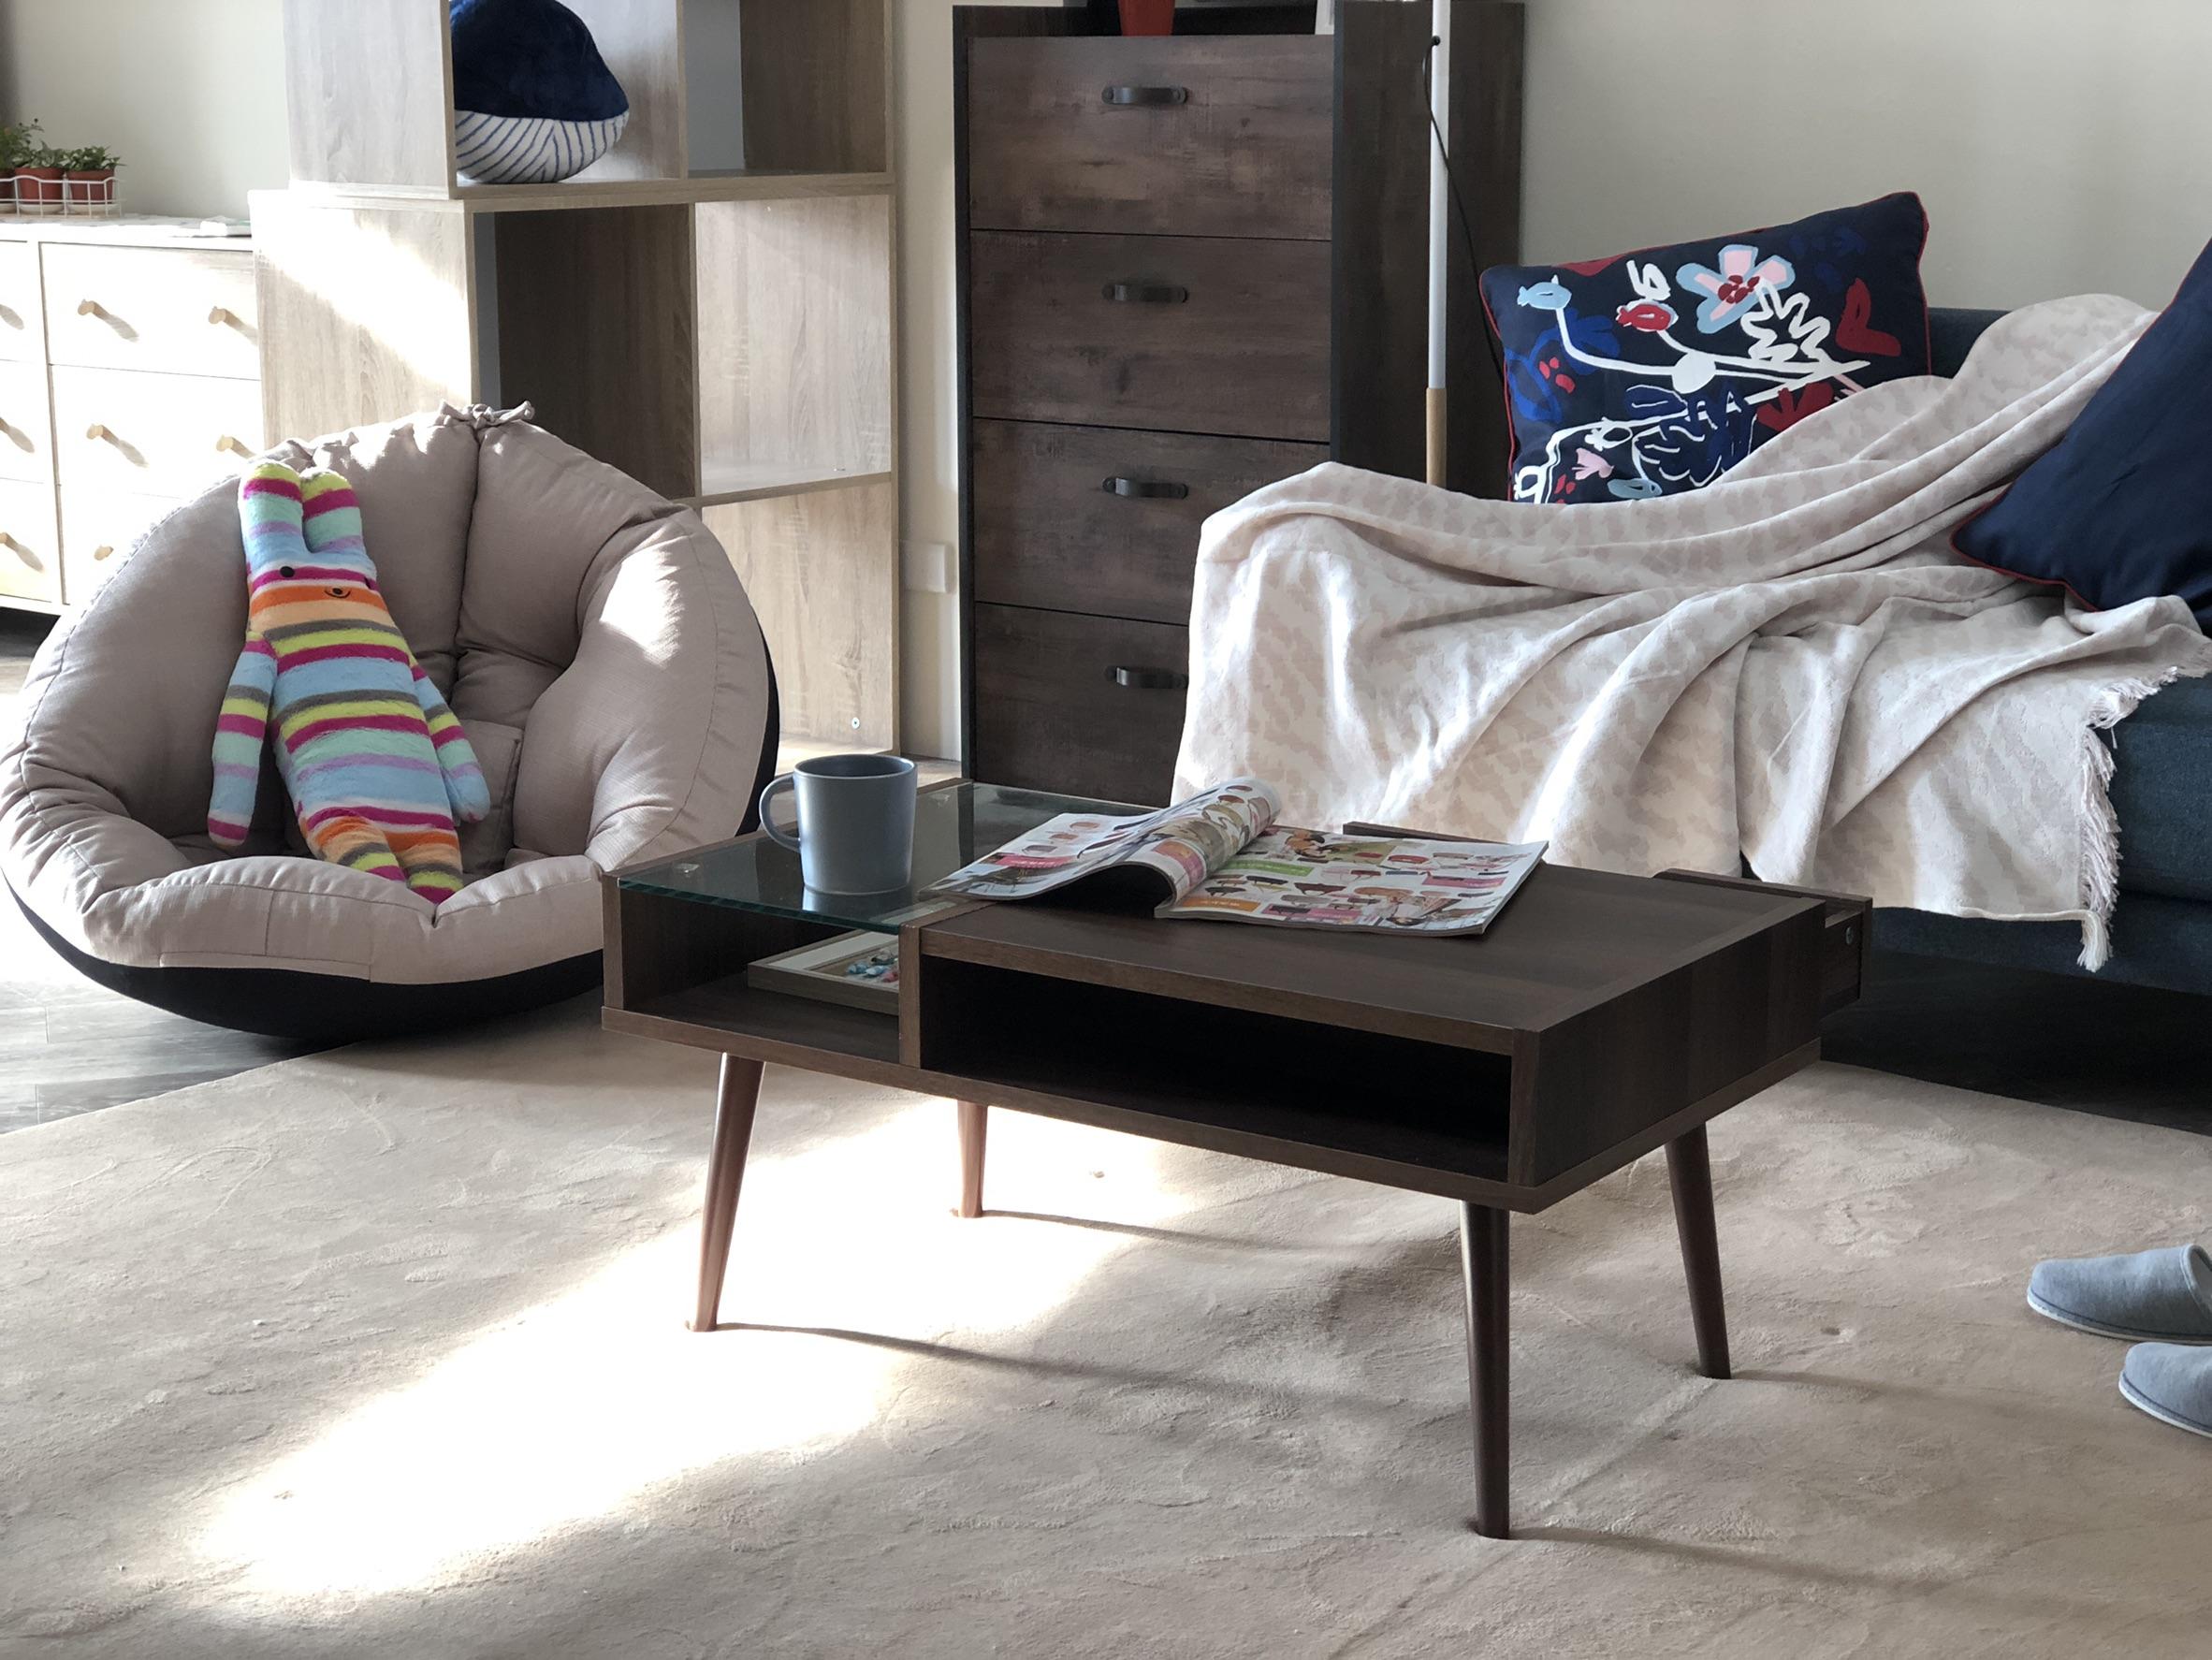 內斂優雅的客廳,卻又不失生活中的Chill感。